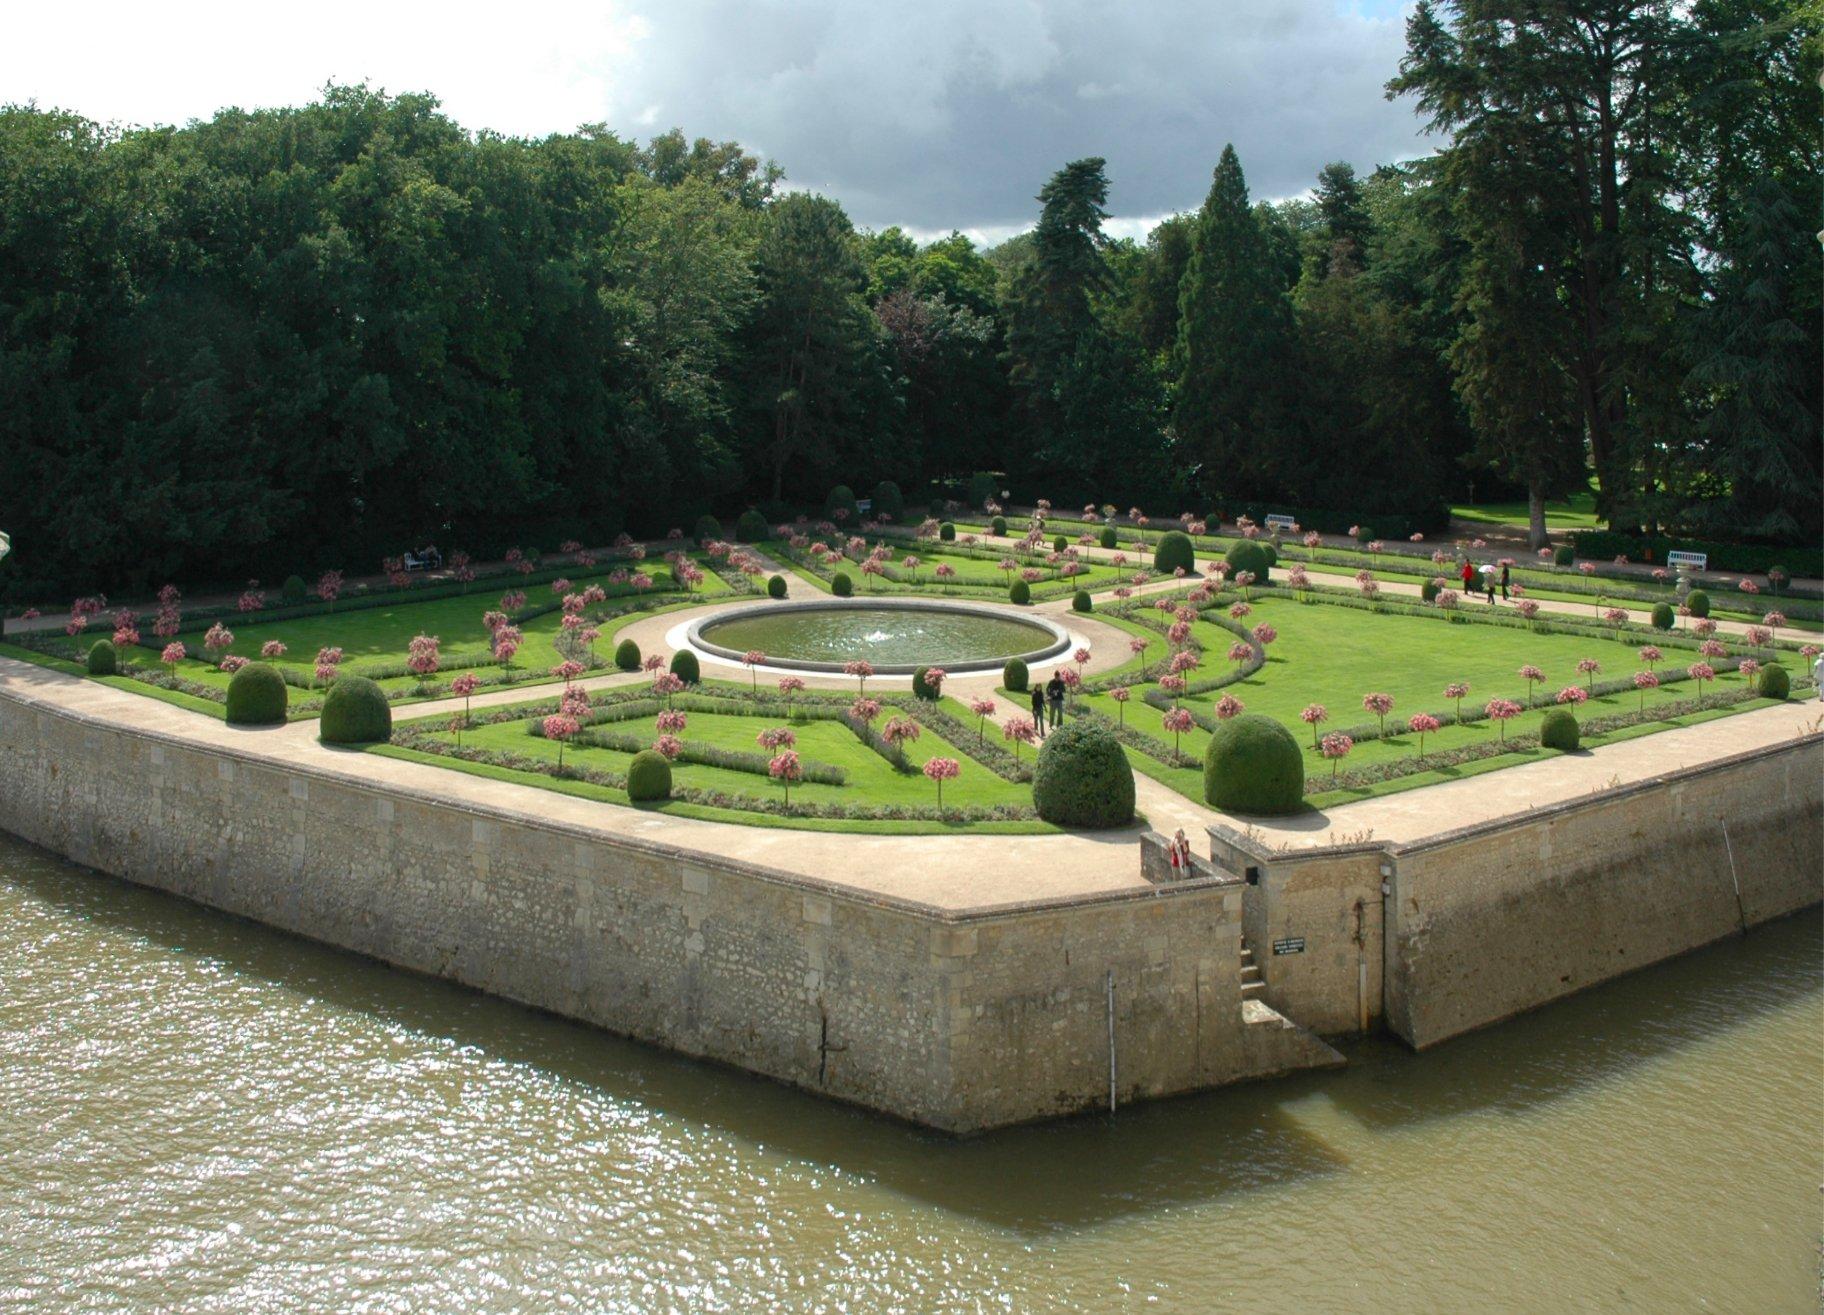 Jardins de la Renaissance fran§aise Wikiwand